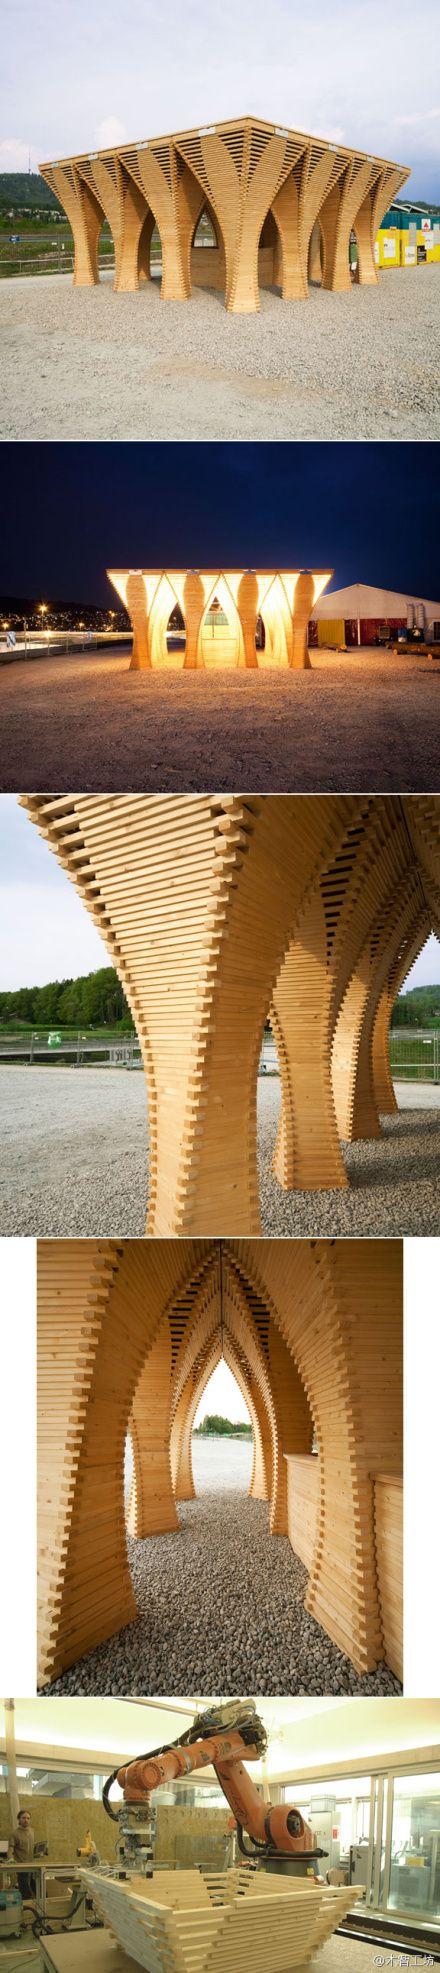 wood automan Pavilion                                                                                                                                                                                 More